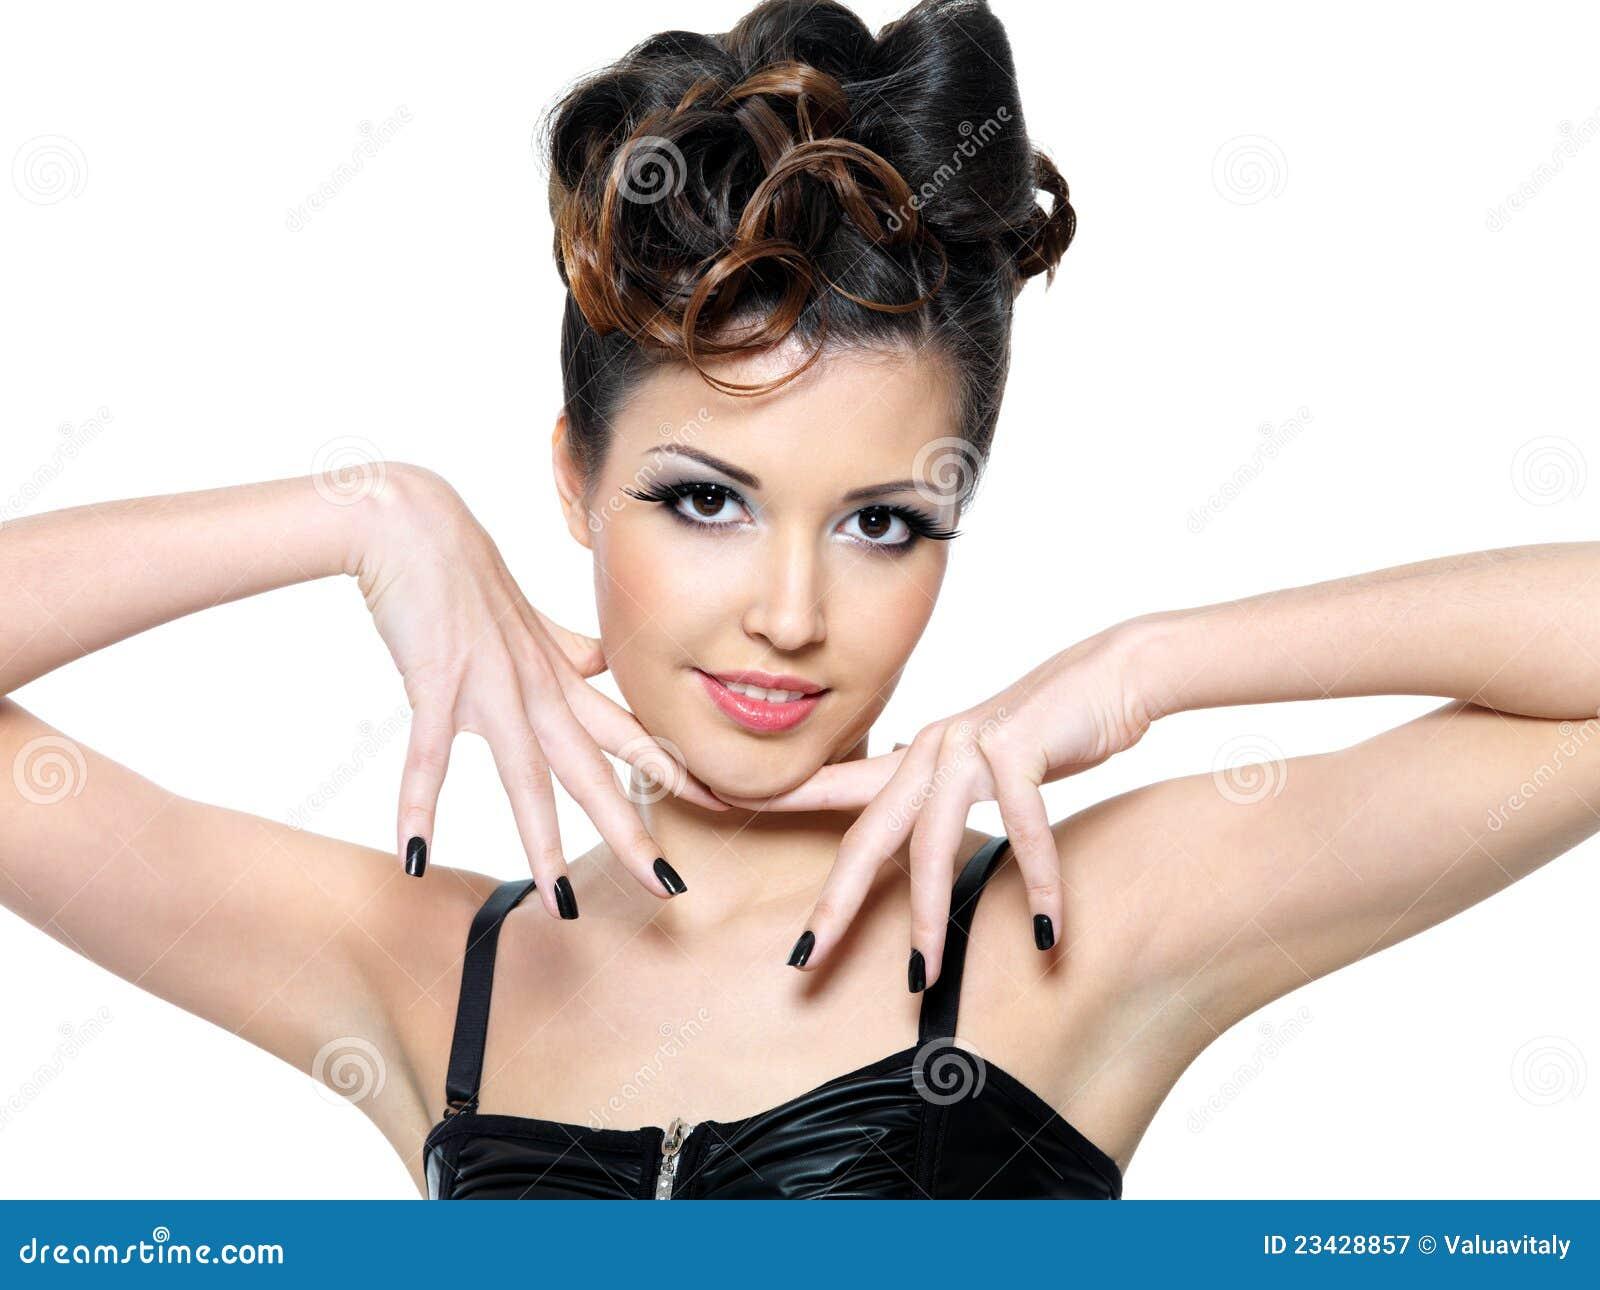 Секс девушки с чёрными ногтями 16 фотография